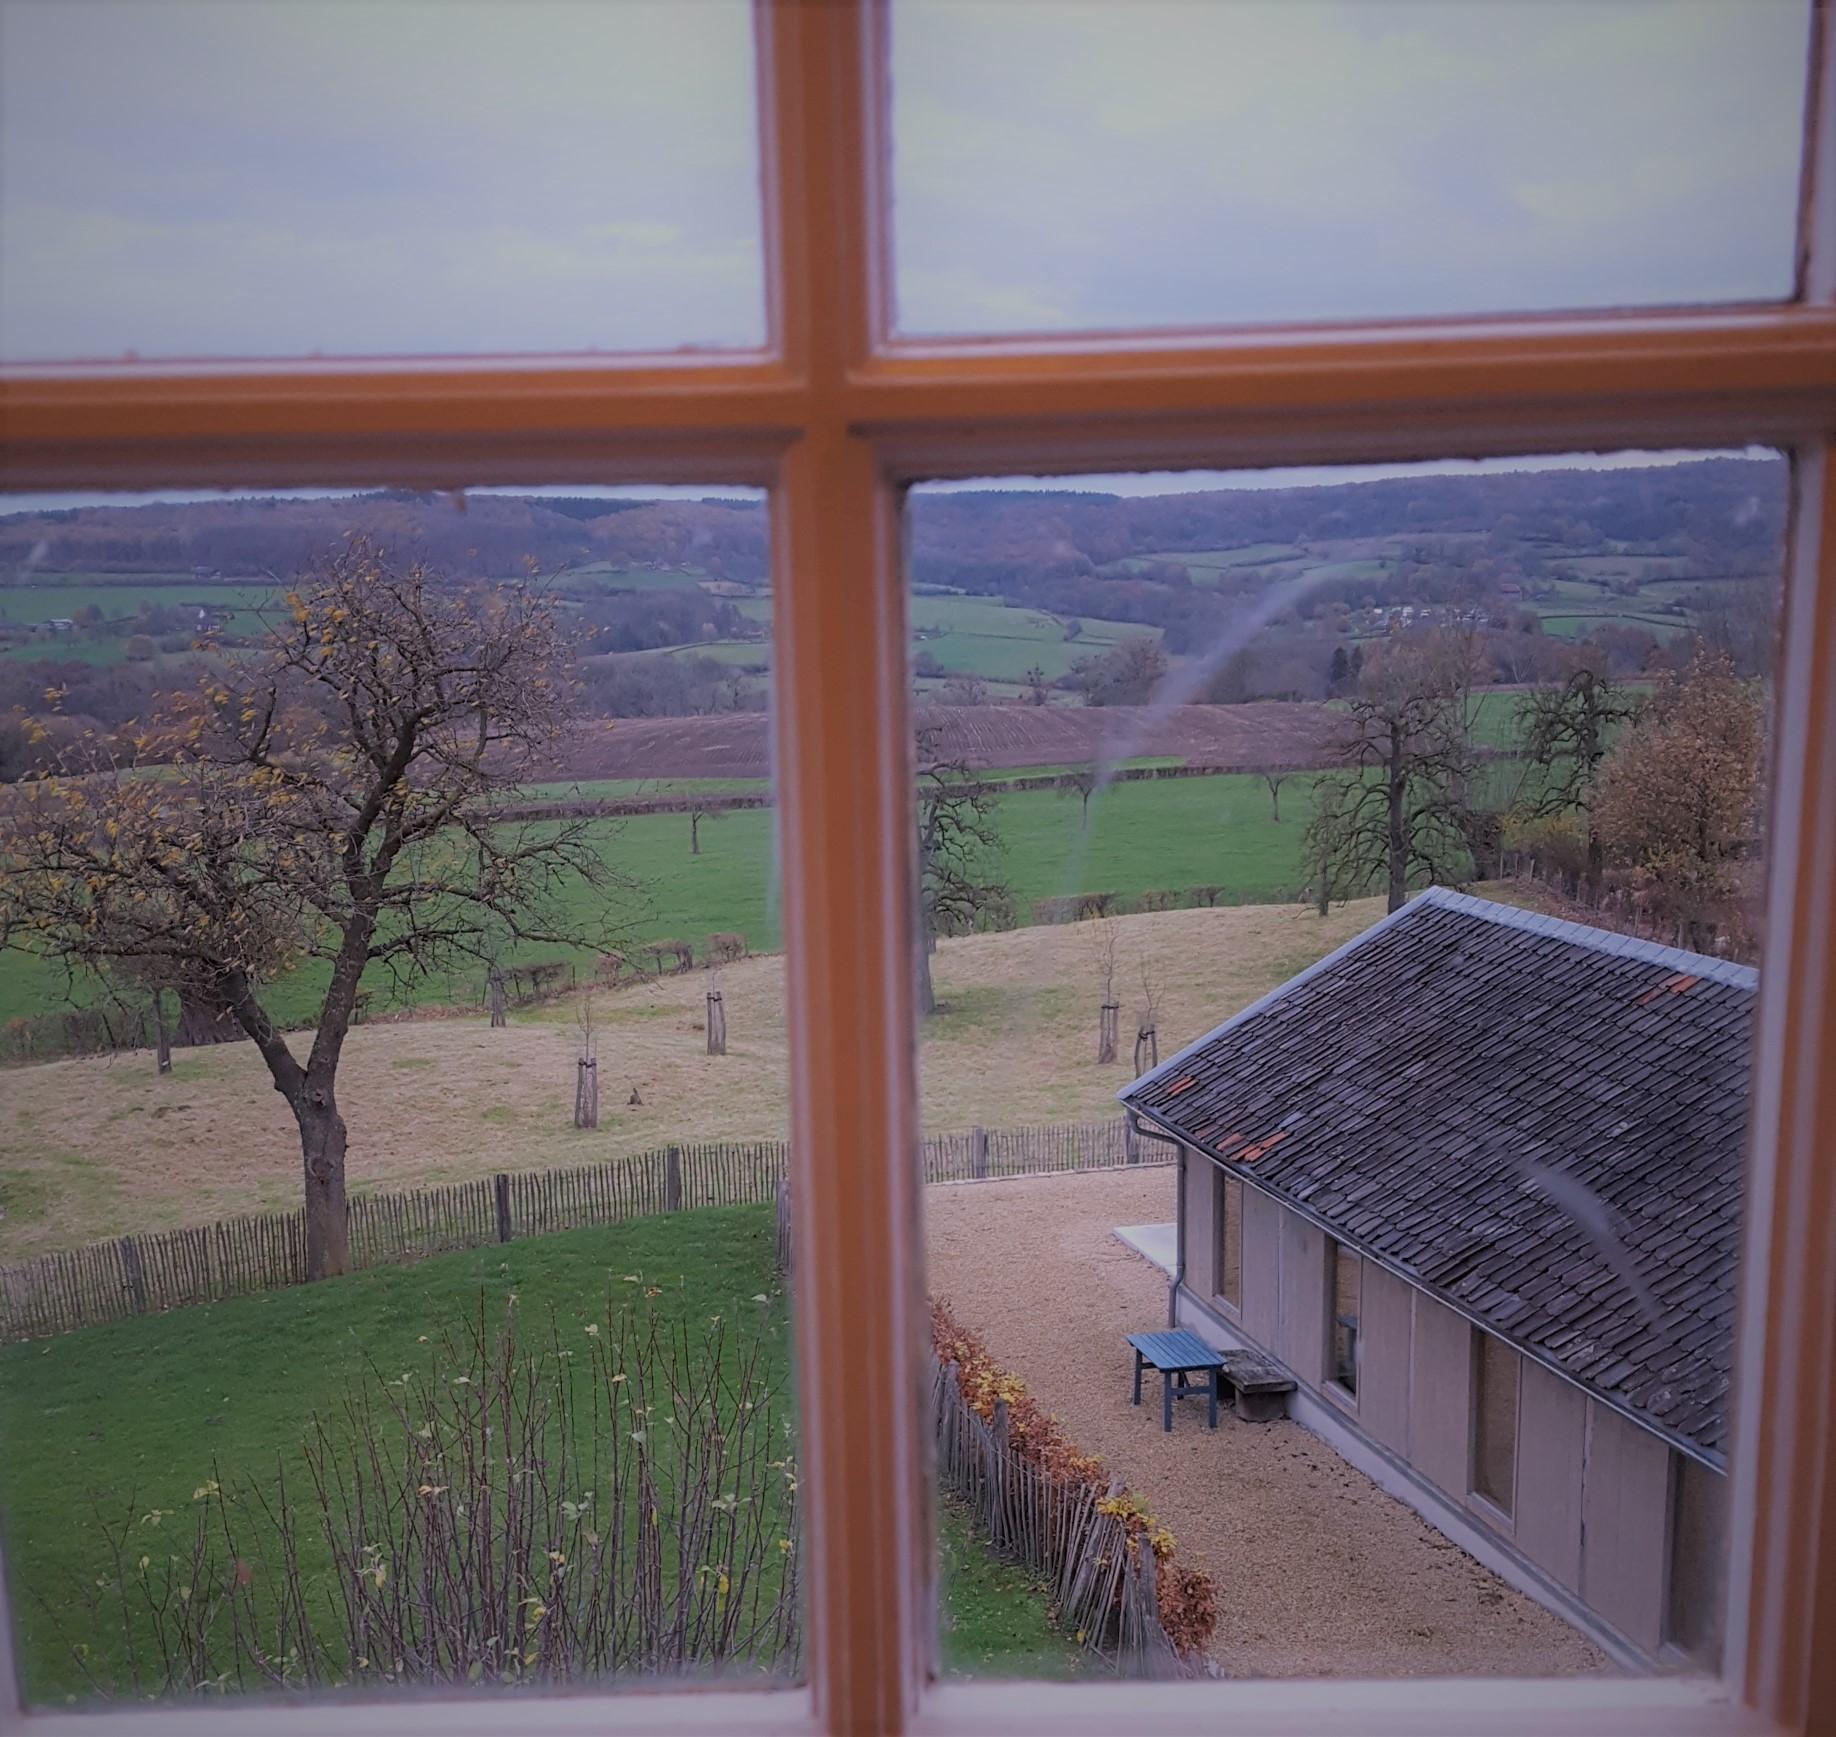 Uitzicht vanuit een raamje